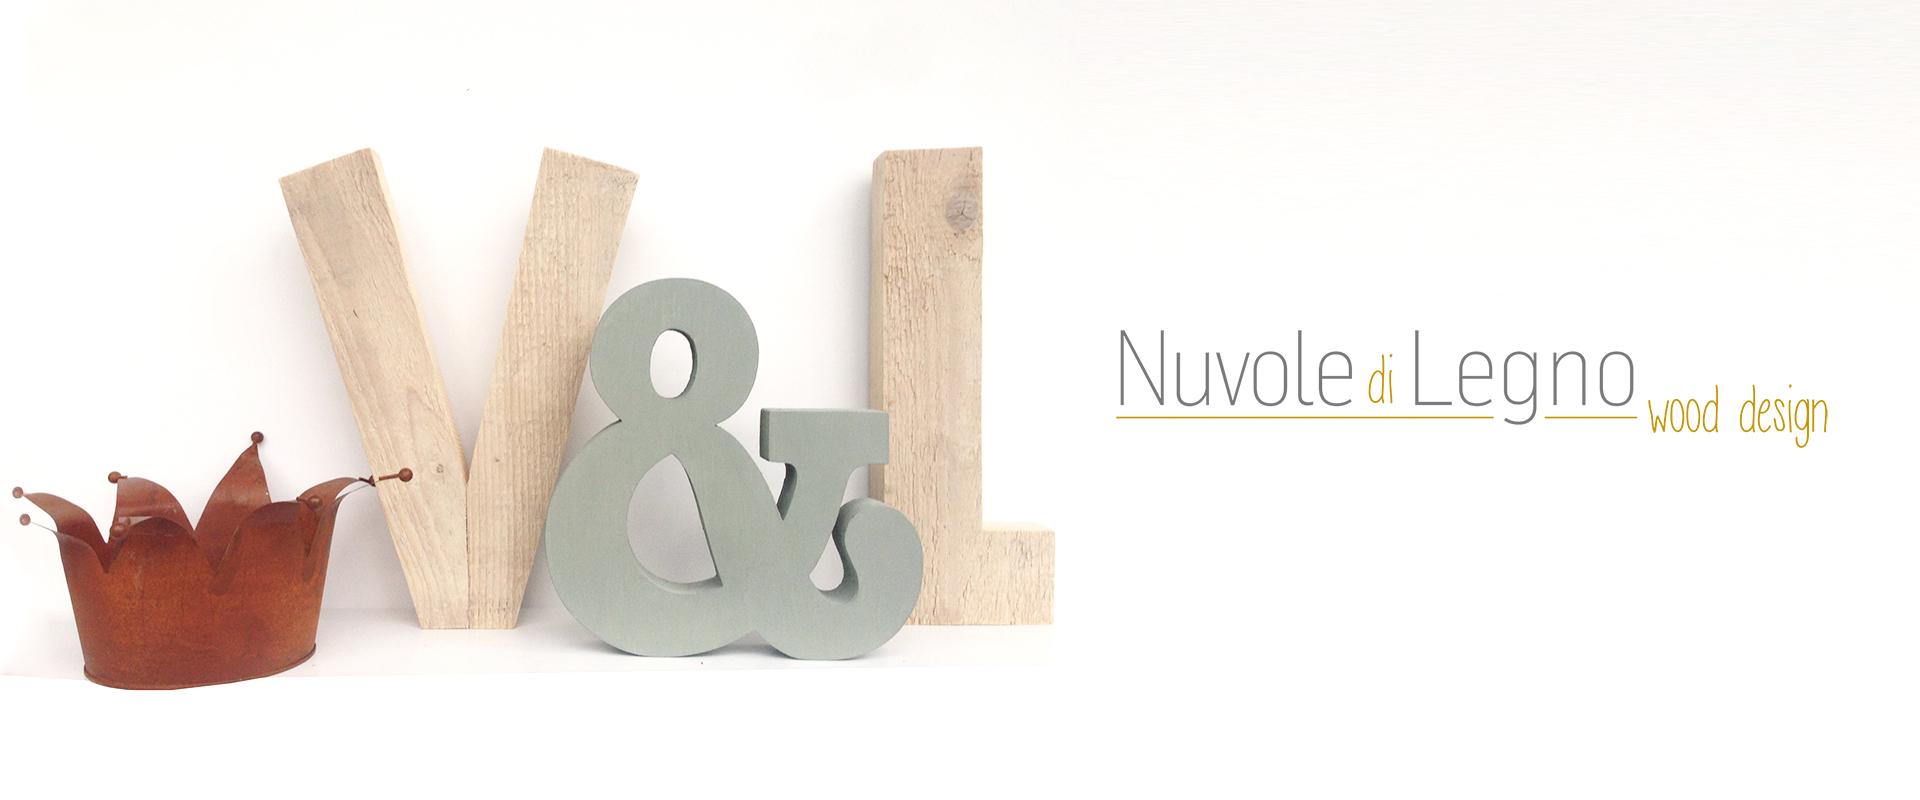 Lettere e iniziali del nome in legno di recupero